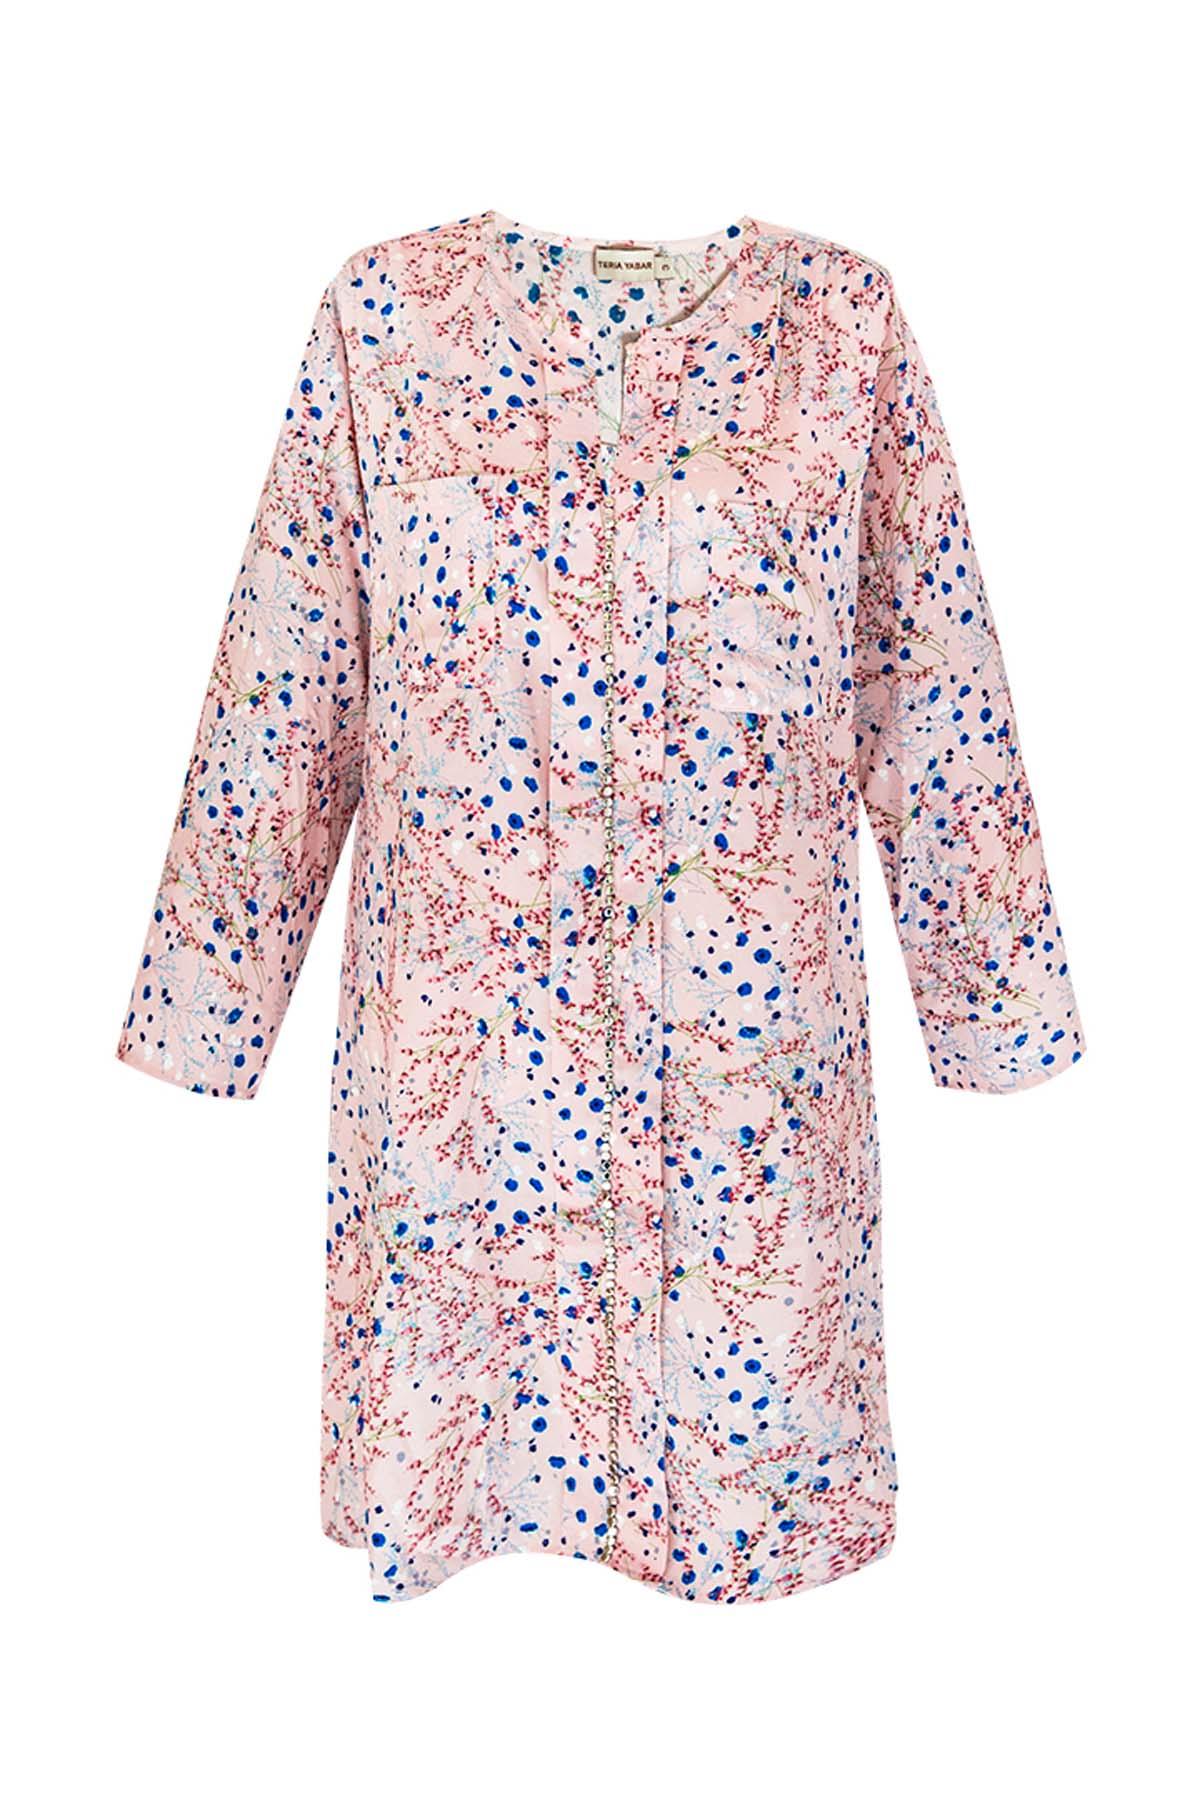 Teria Yabar - Vestido rosa de tachuelas